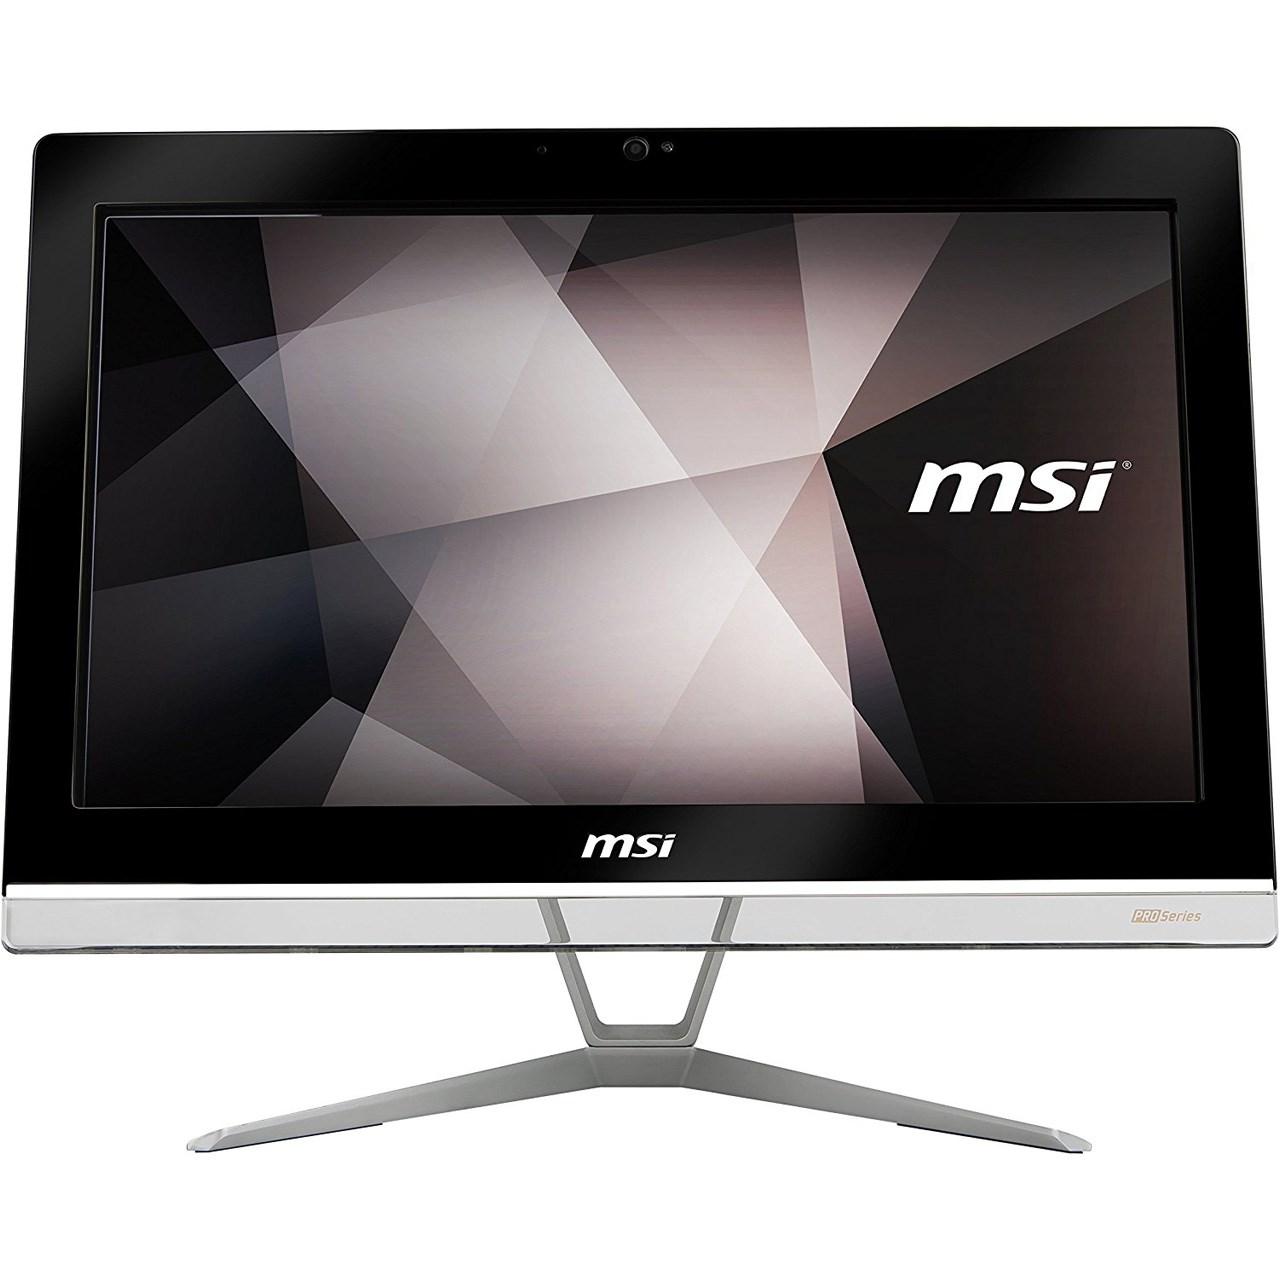 کامپیوتر همه کاره 19.5 اینچی ام اس آی مدل Pro 20 EX 7M - B